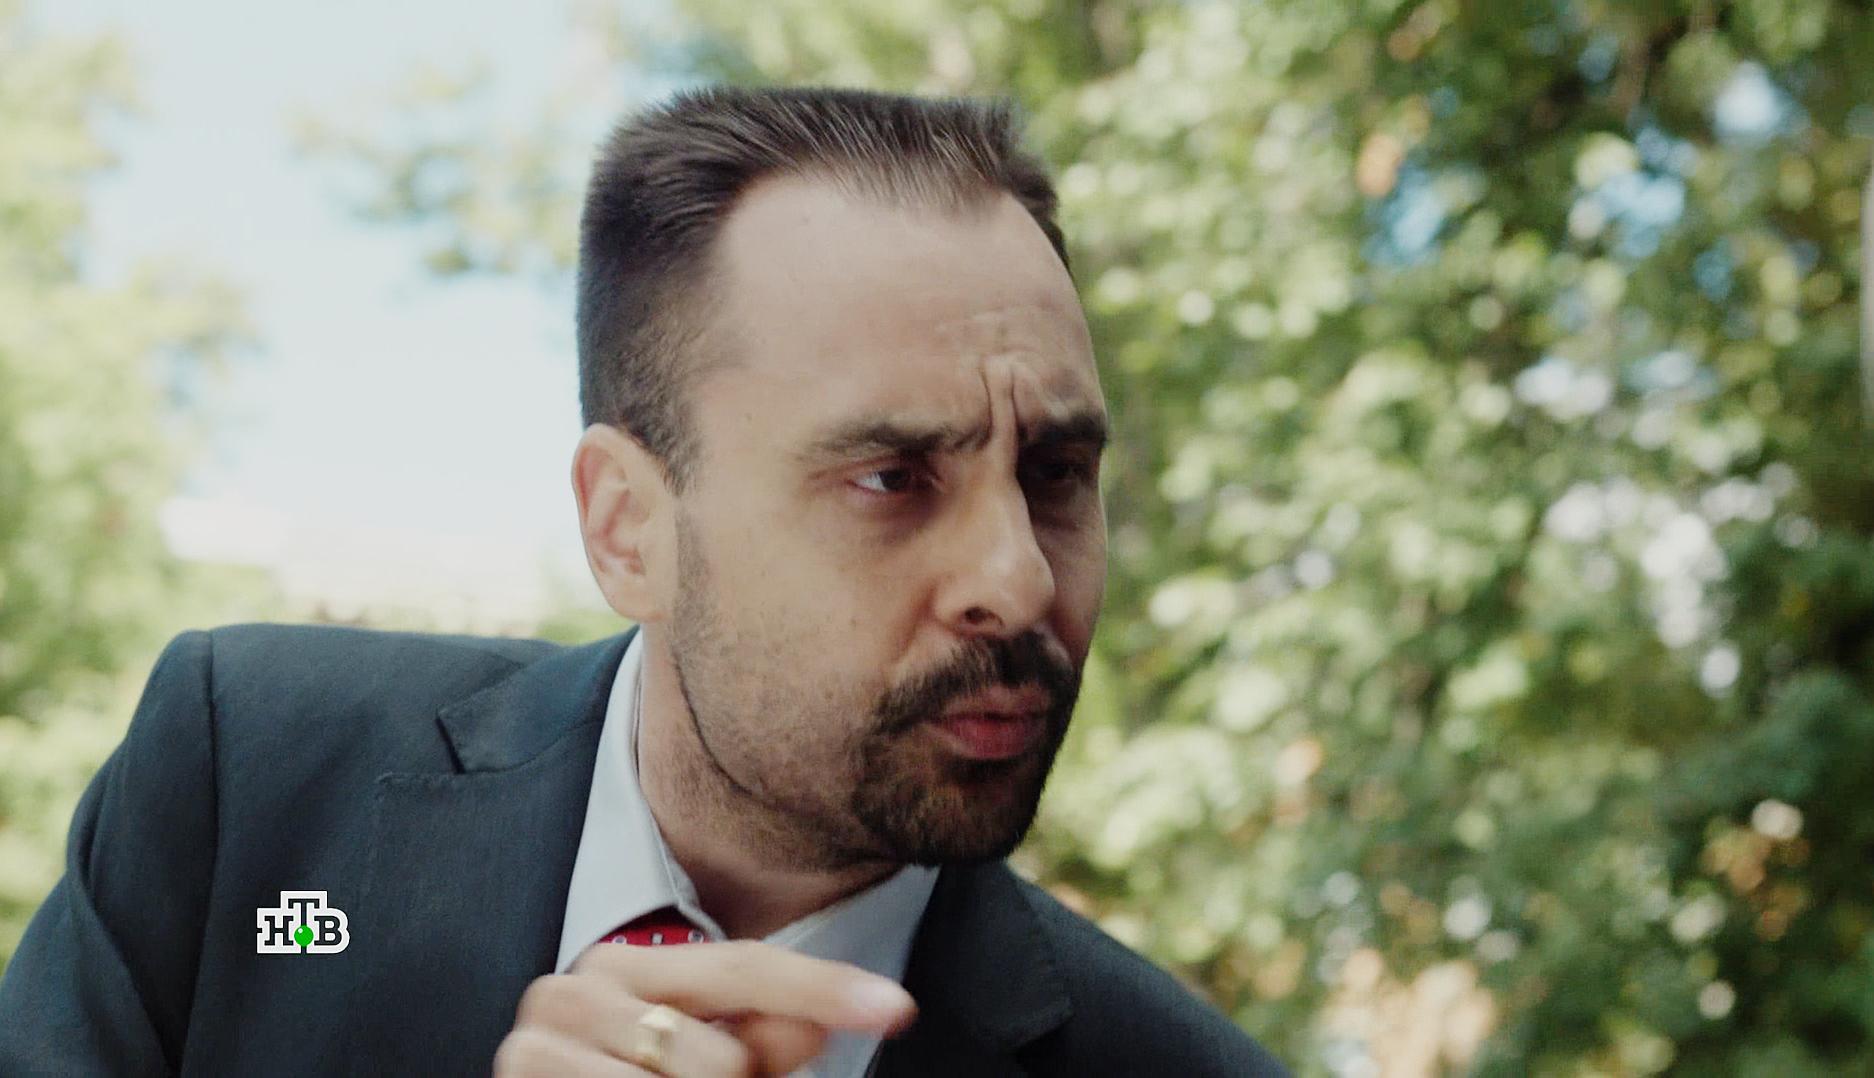 Andrey Da! in Advokat. Prodolzhenie (2017)